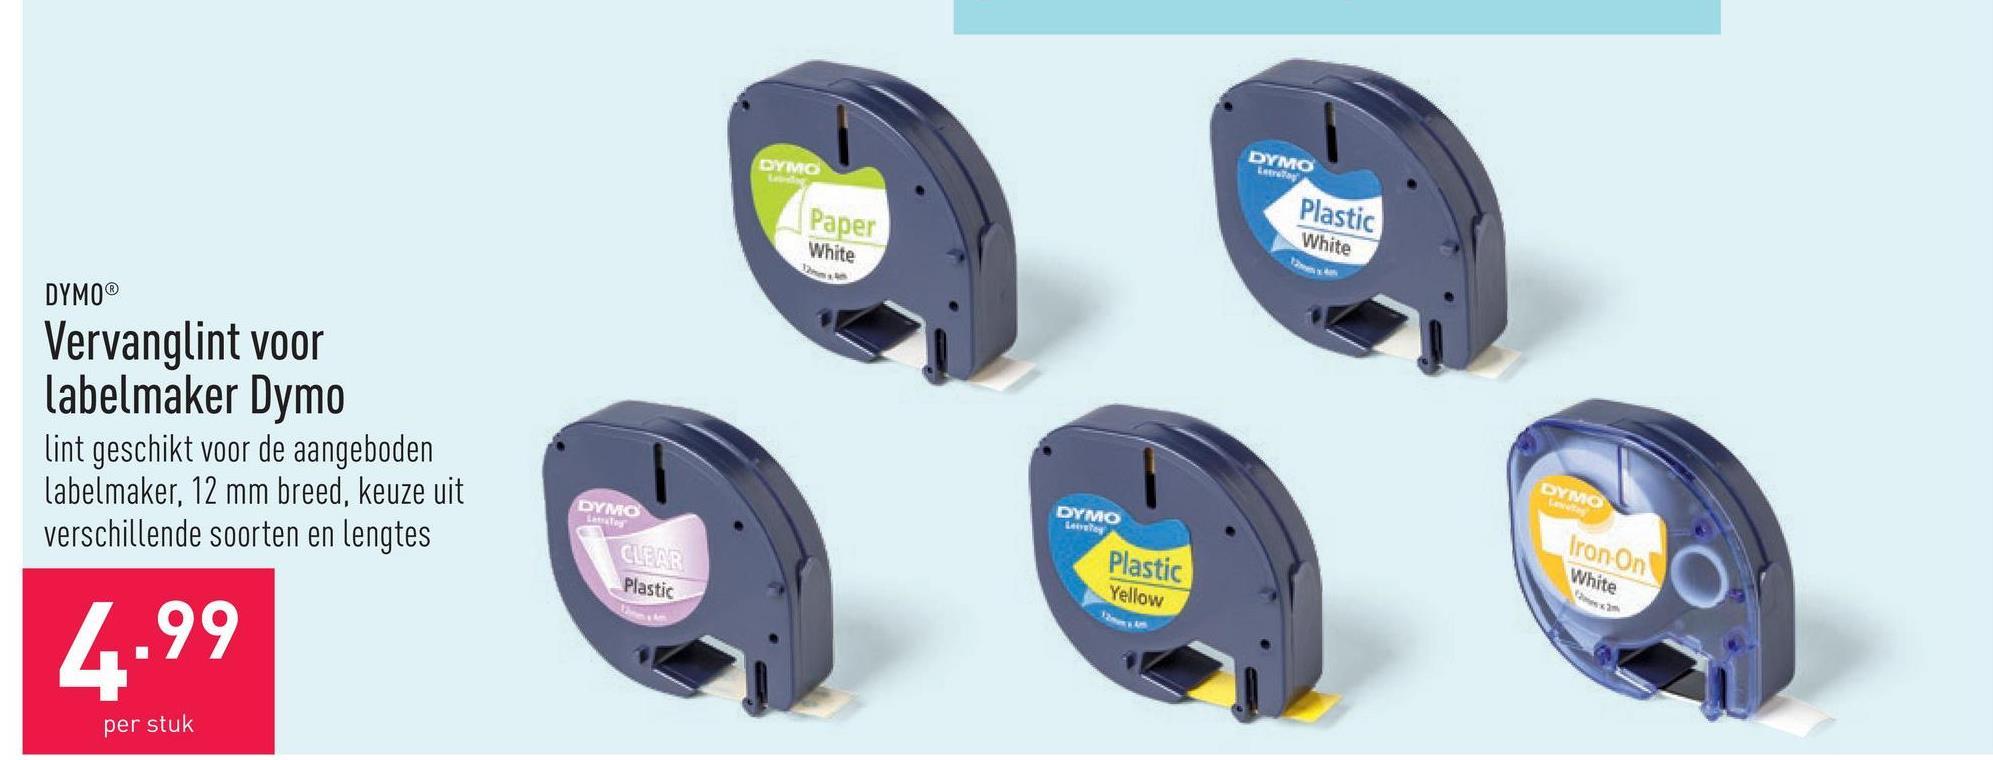 Vervanglint voor labelmaker Dymo lint geschikt voor de aangeboden labelmaker, 12 mm breed, keuze uit verschillende soorten en lengtes